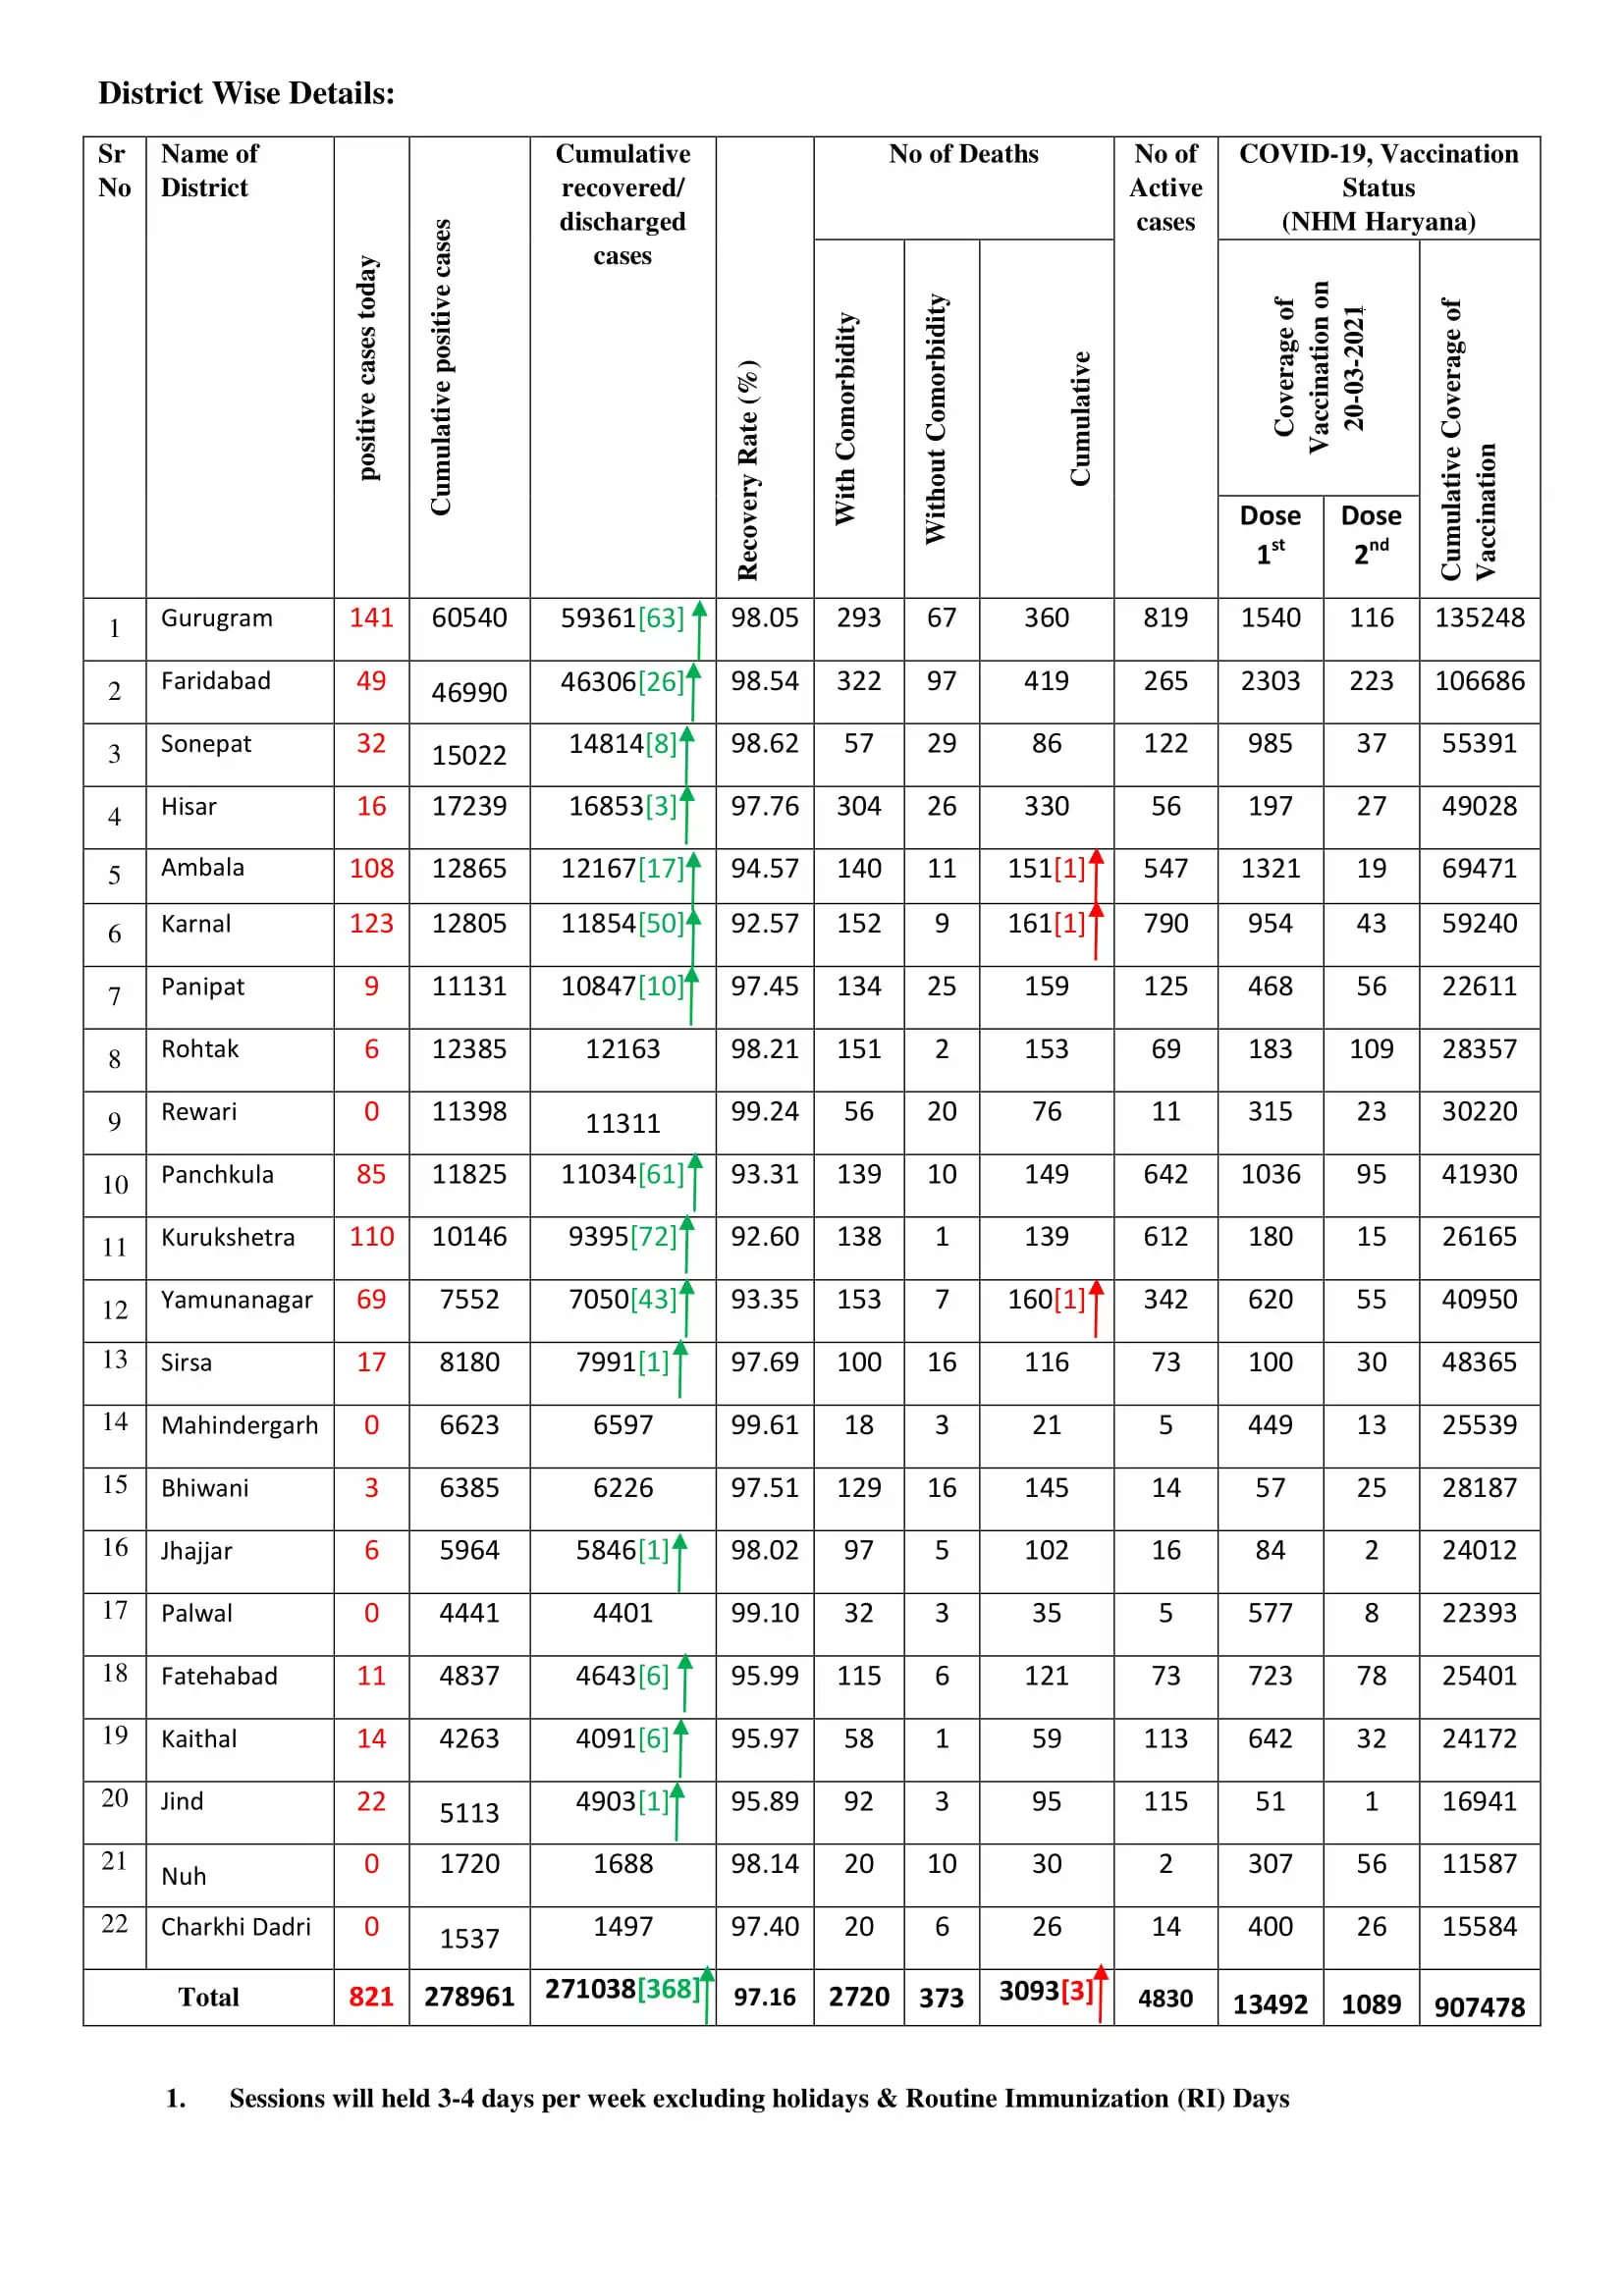 हरियाणा में लगातार बढ़ रहे कोरोना के मामले, आज 821 नए संक्रमित, देखिए मेडिकल बुलेटिन